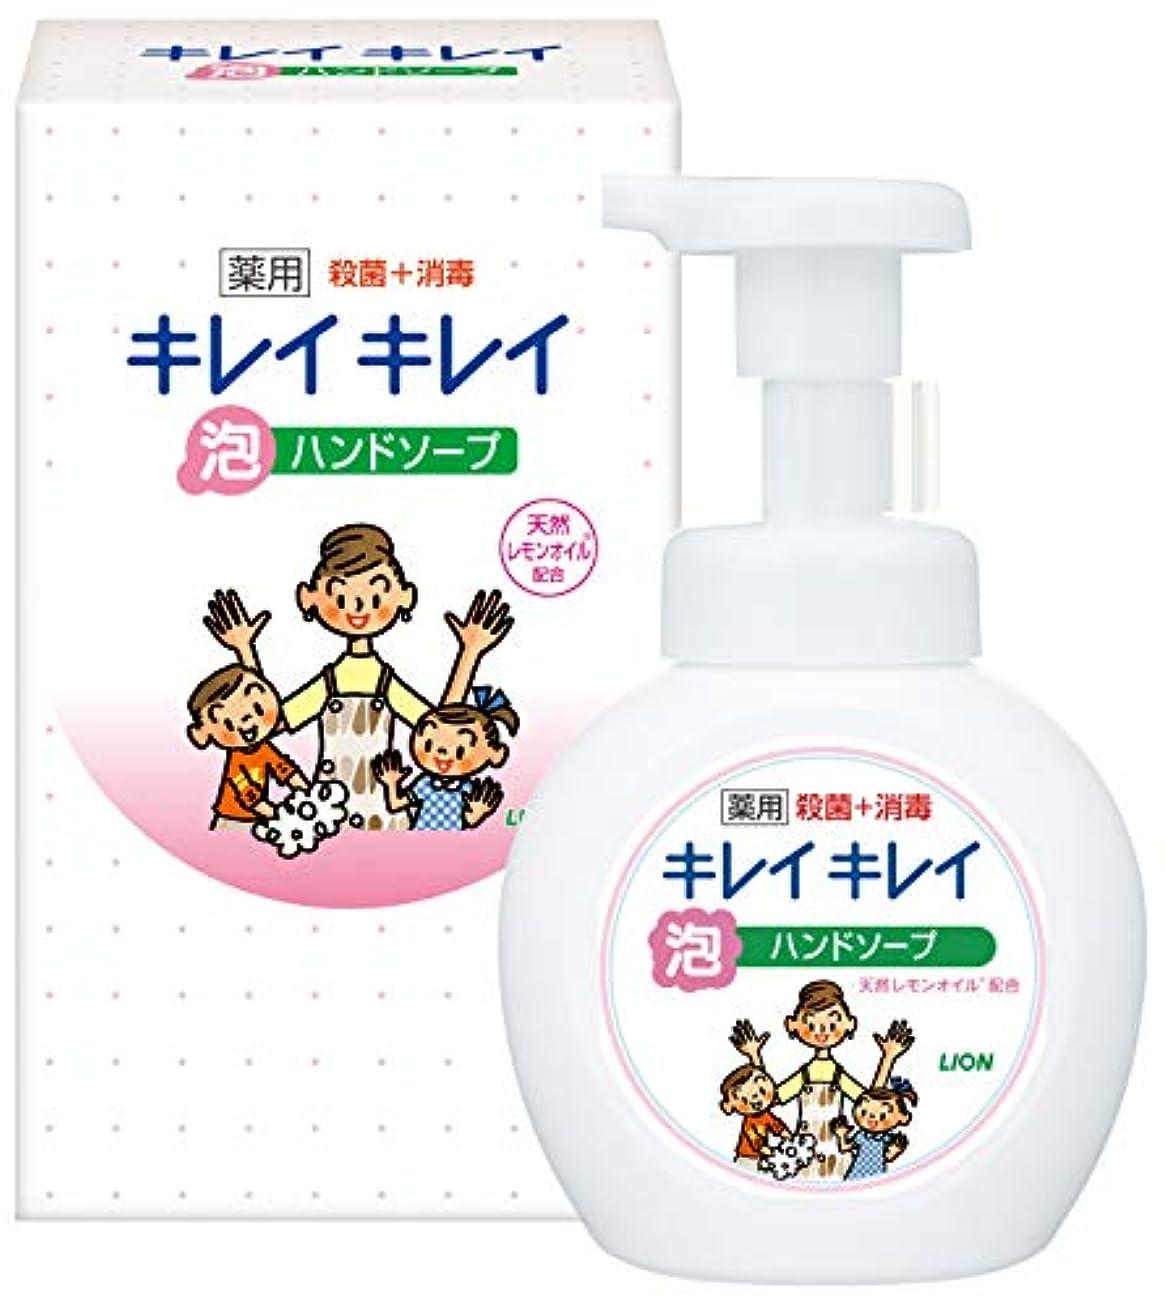 ダイヤル小包塩LION キレイキレイ薬用泡ハンドソープ250ml ノベルティギフト用化粧箱入